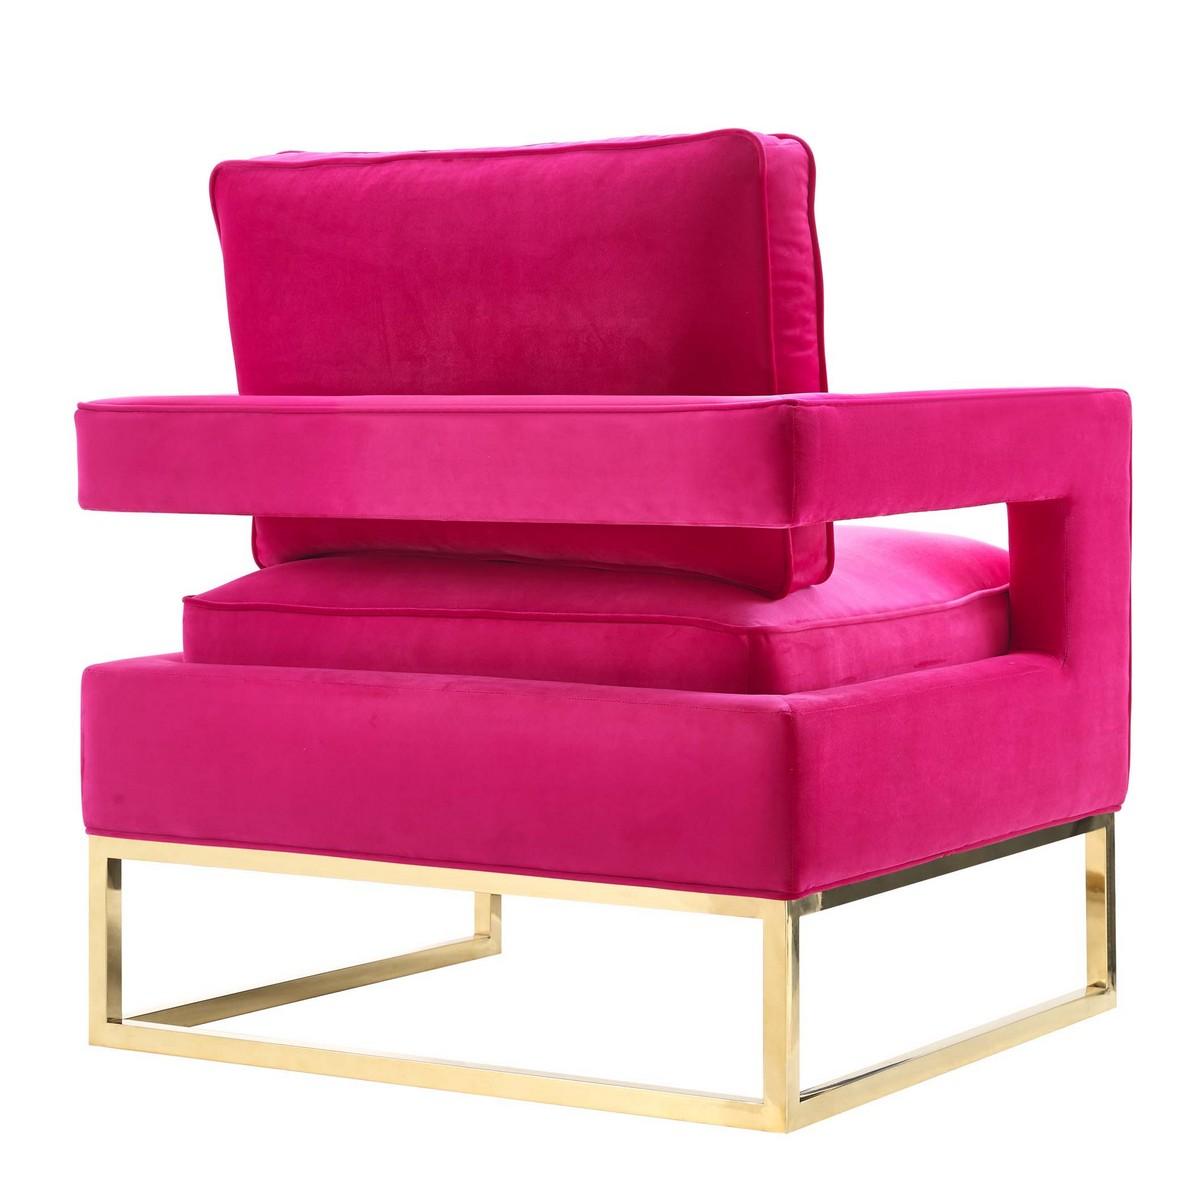 TOV Furniture Avery Pink Velvet Chair